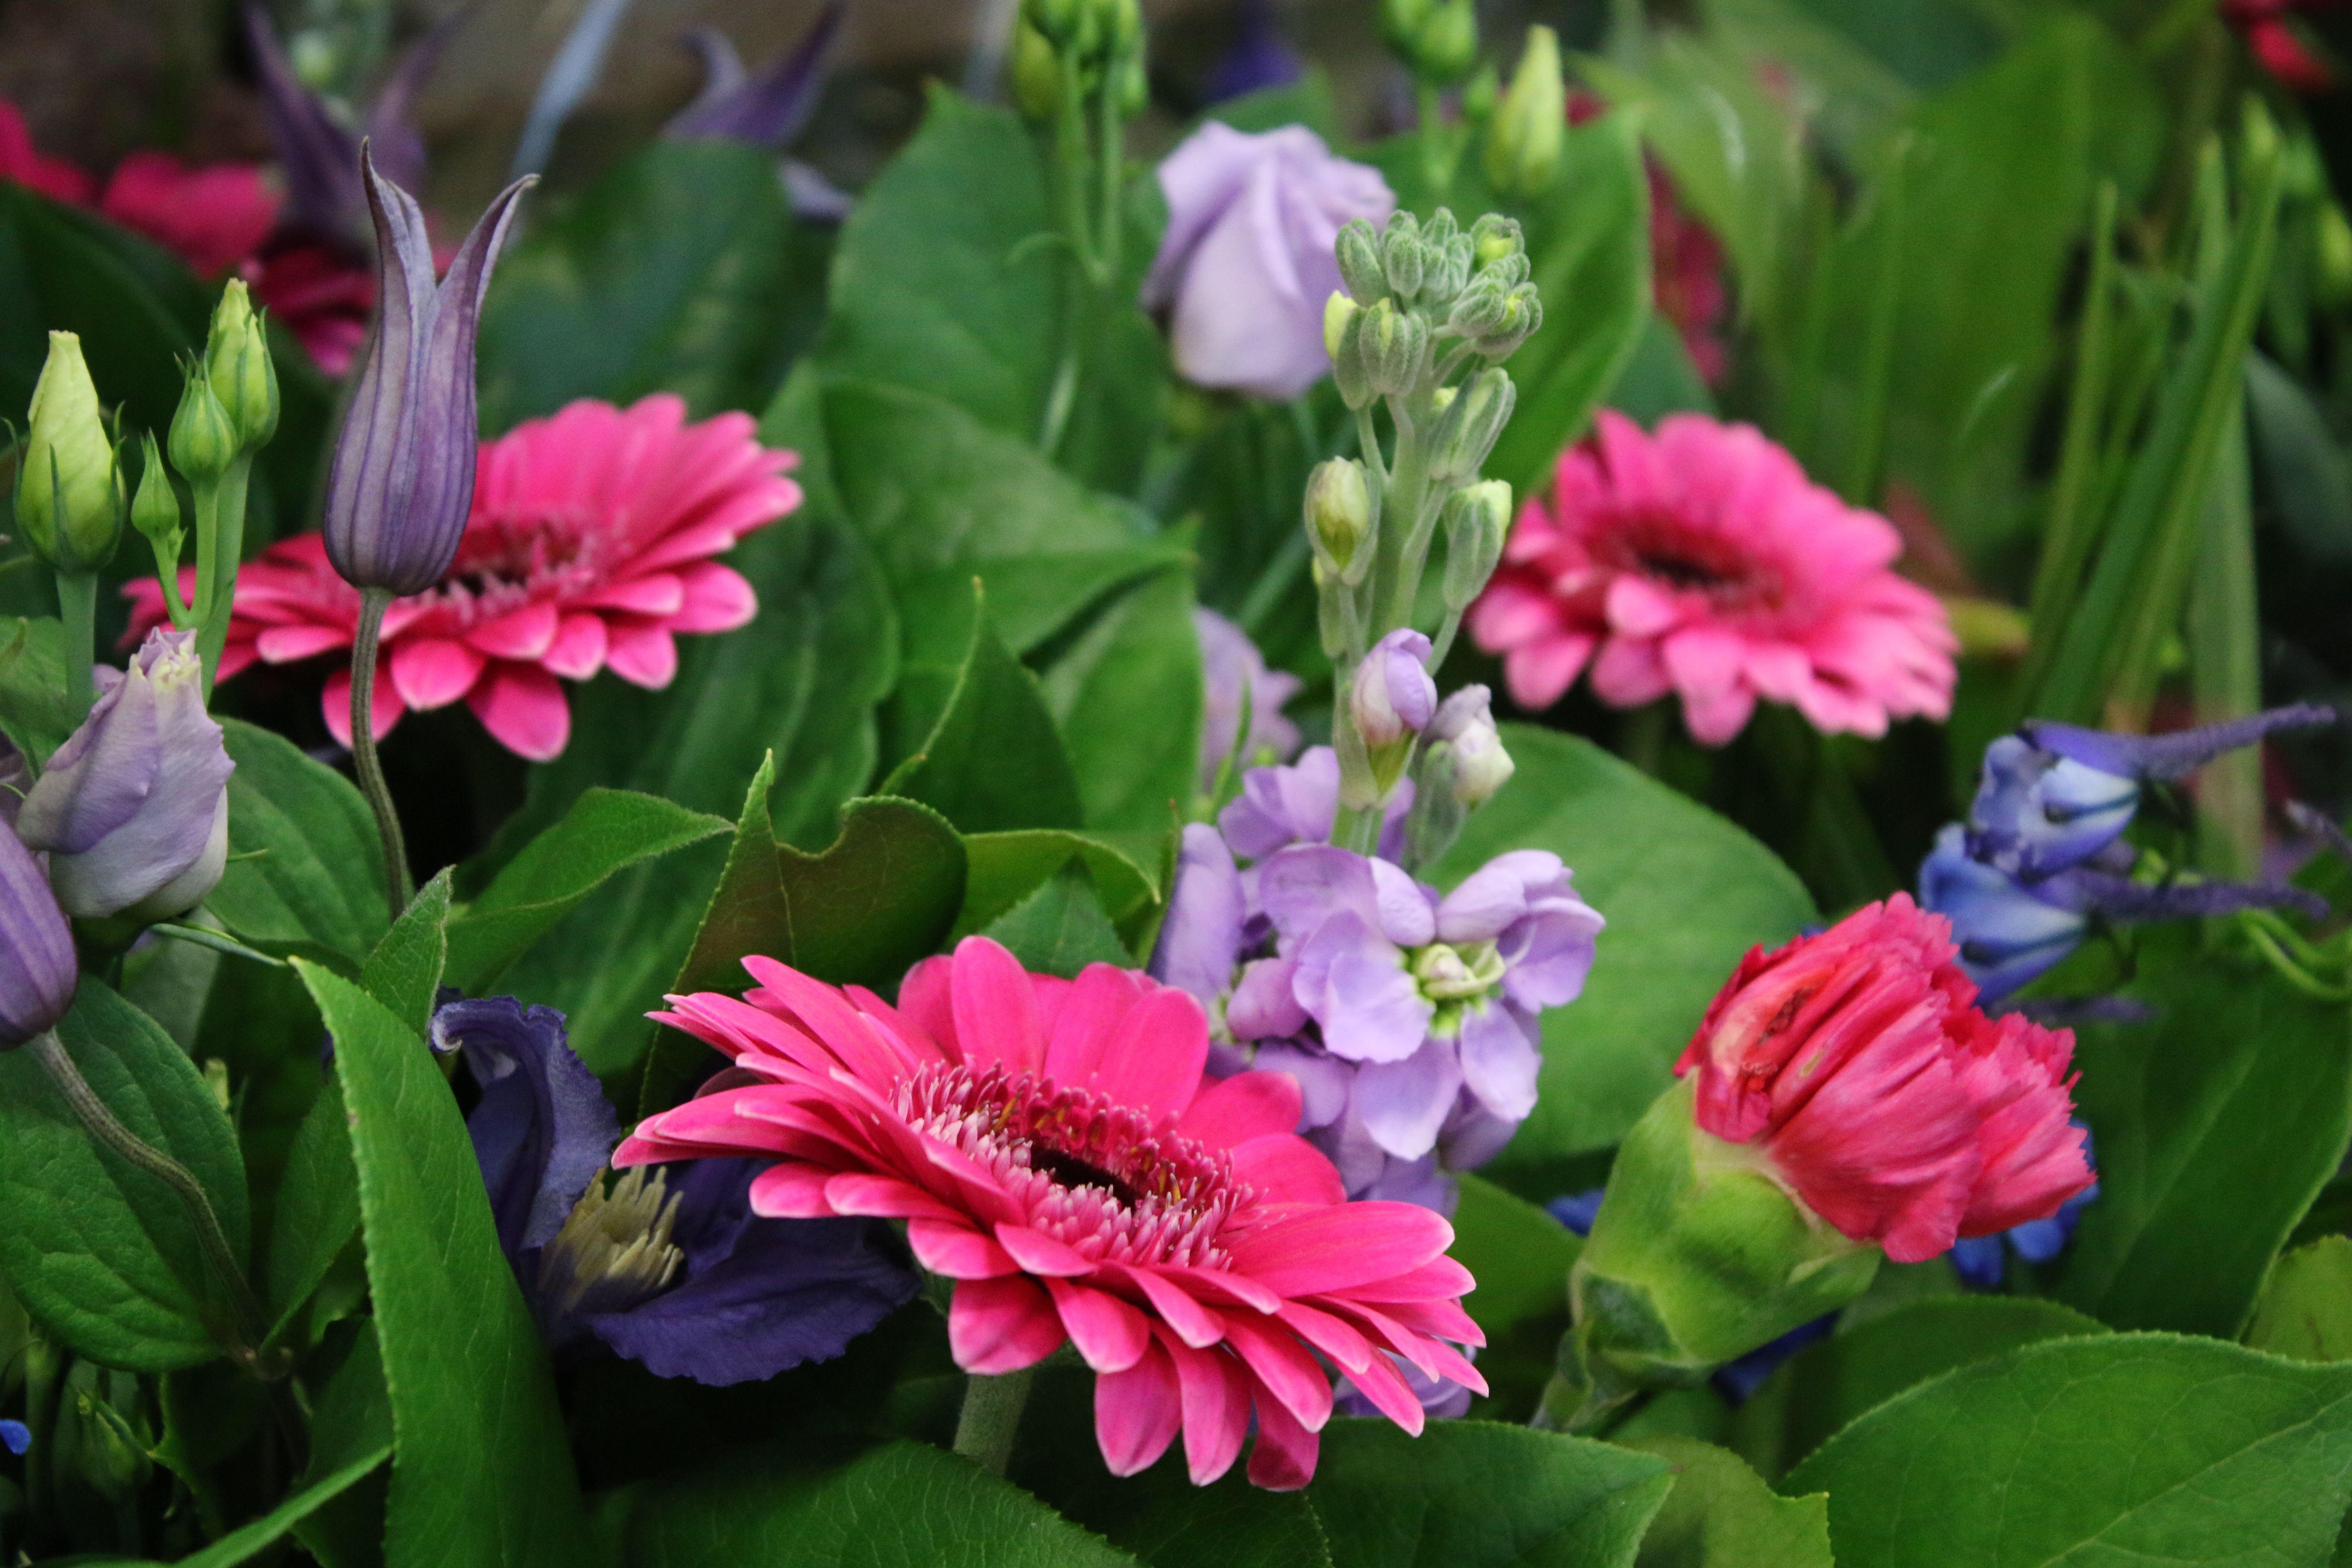 Snijbloemen Boeketten Fleurs Coupees Bouquets Floralux Tuincentrum Bloemen Centrejardinage Fleurs Tuincentrum Tuin Bloemen